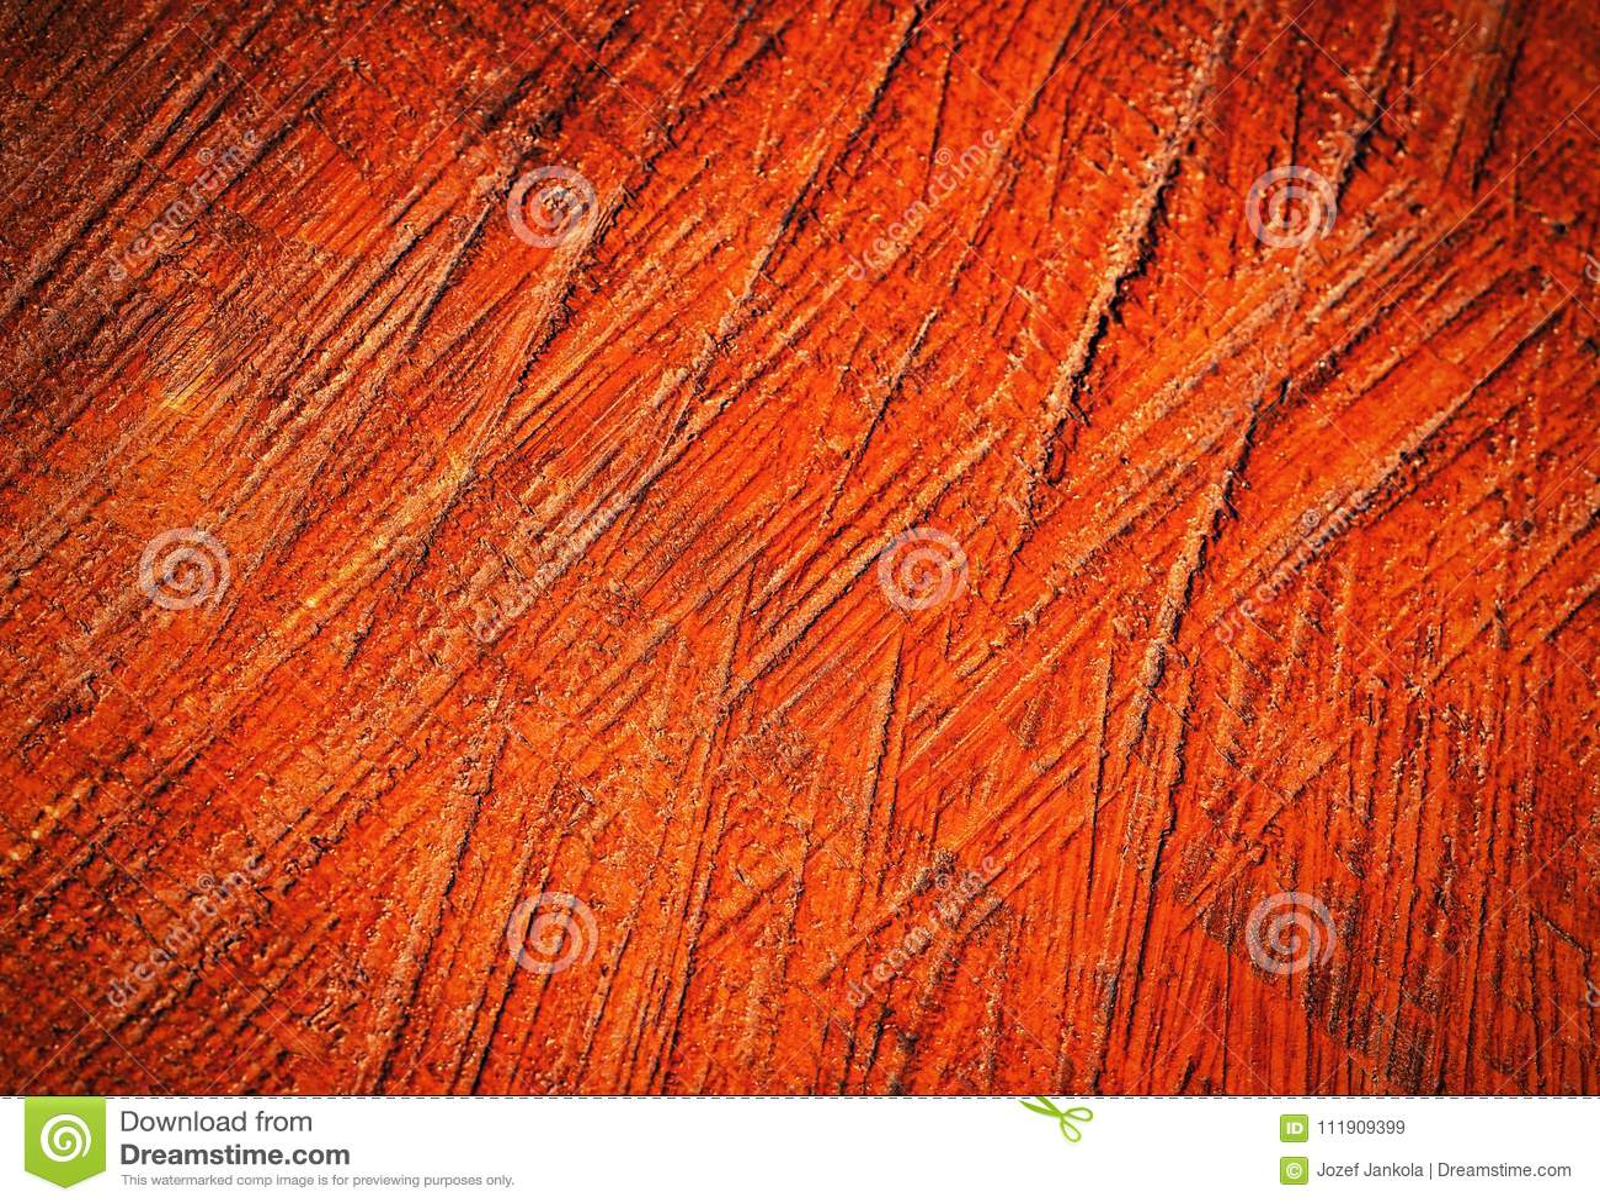 Brown painted scraped wood